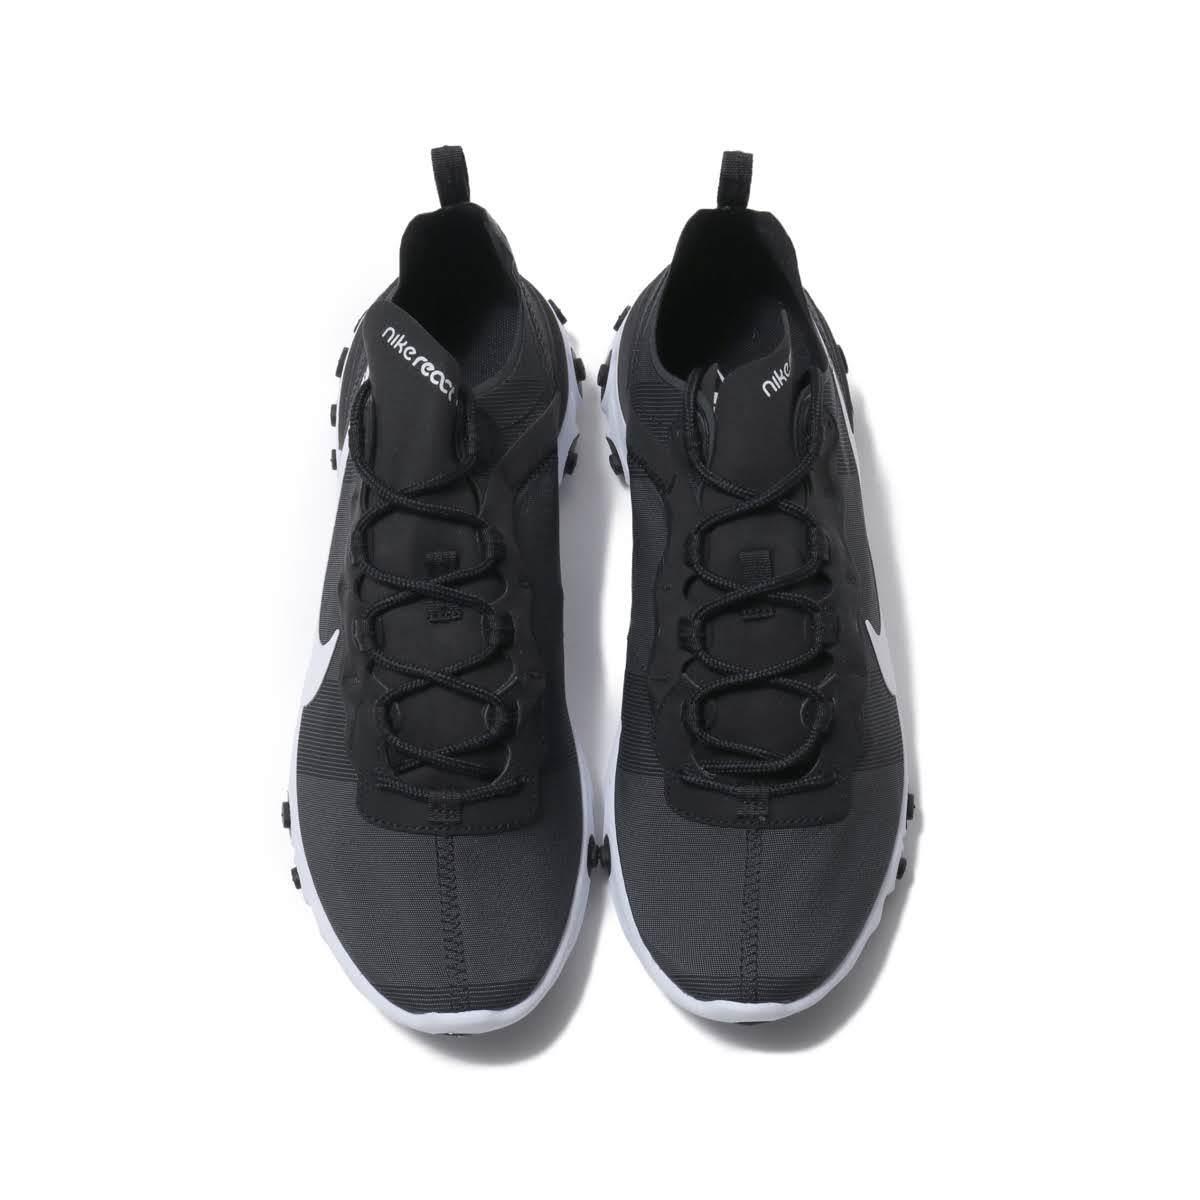 送料無料 28cm●ナイキ リアクト エレメント 55 黒 白 NIKE REACT ELEMENT 55 BQ6166-003 軽量 スニーカー ランニング BLACK_画像5